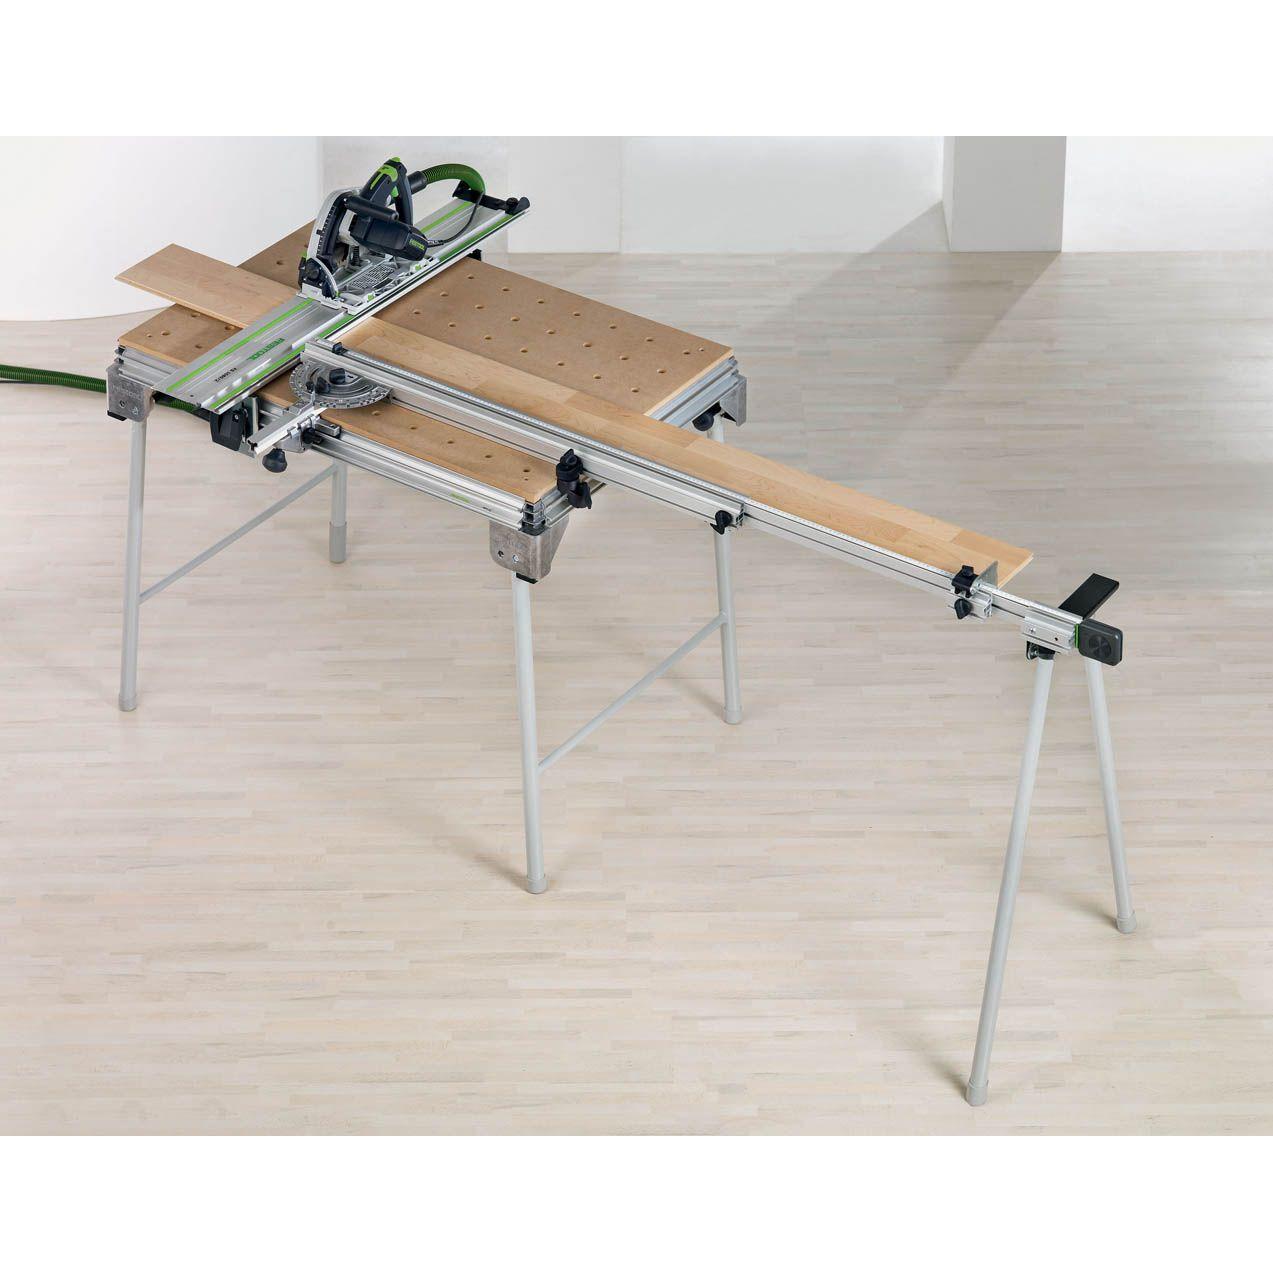 Mft 3 large multi function workbench festool australia for Table festool